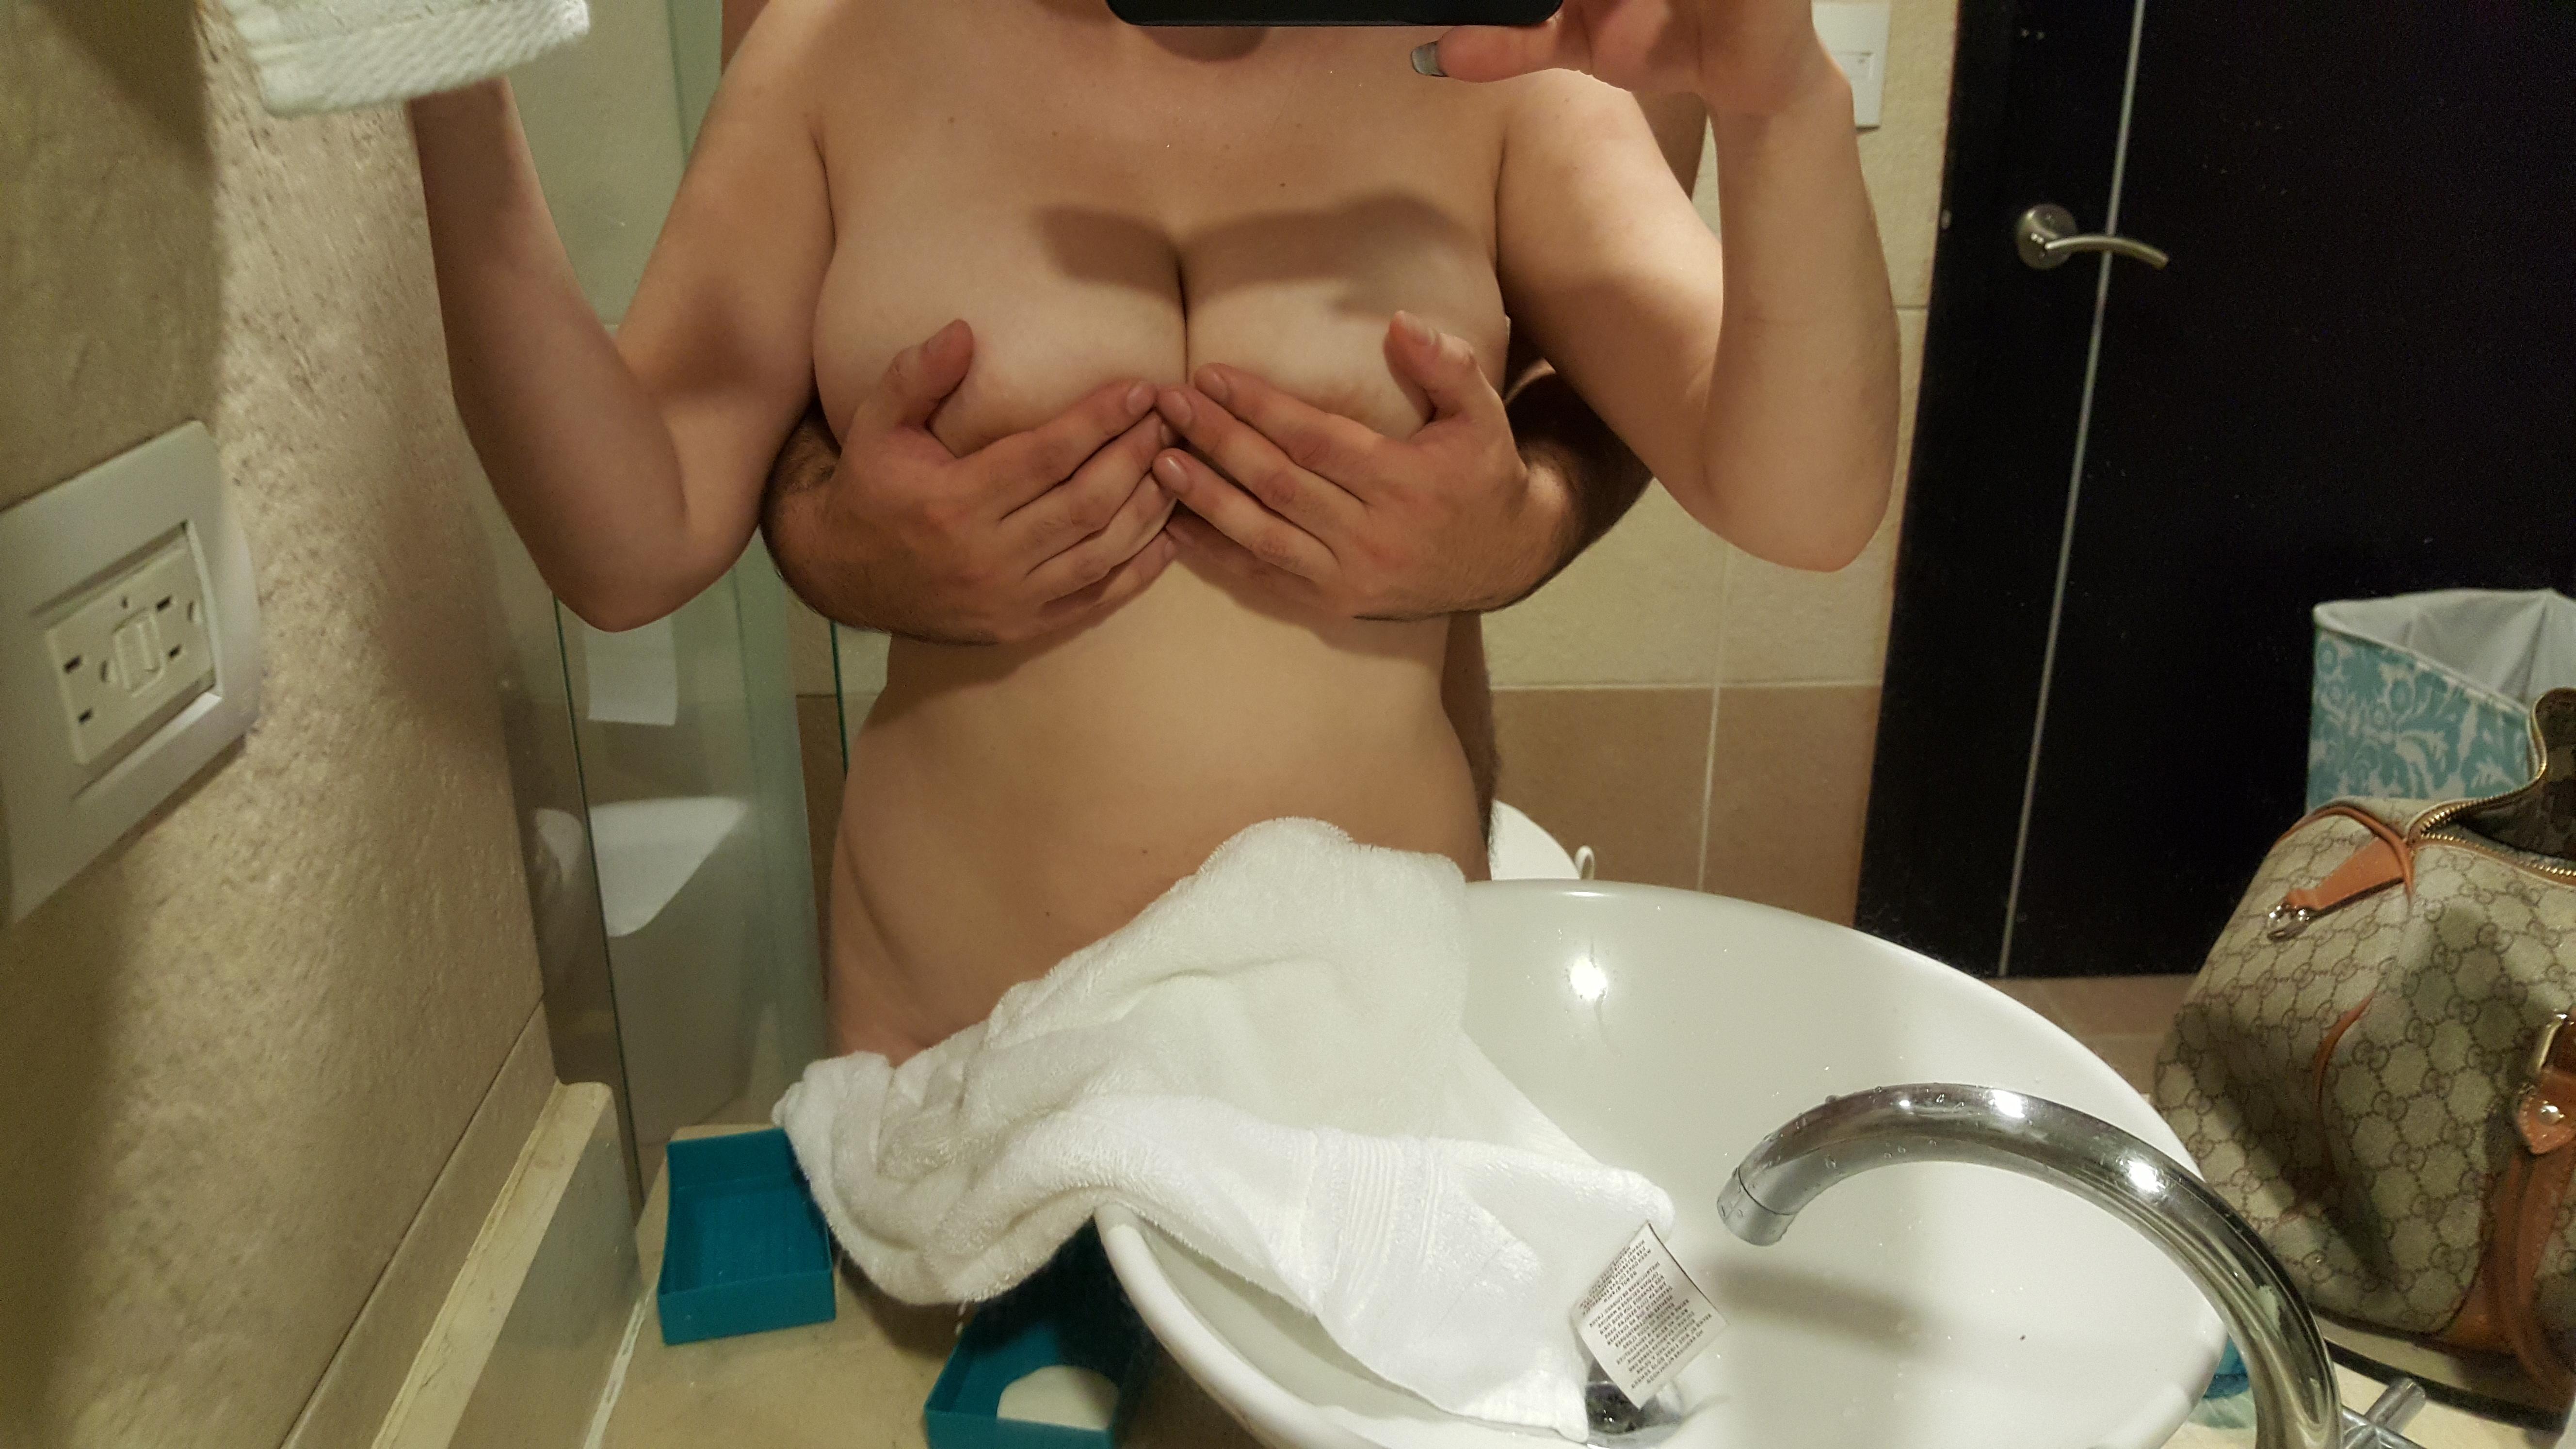 ilana big tits